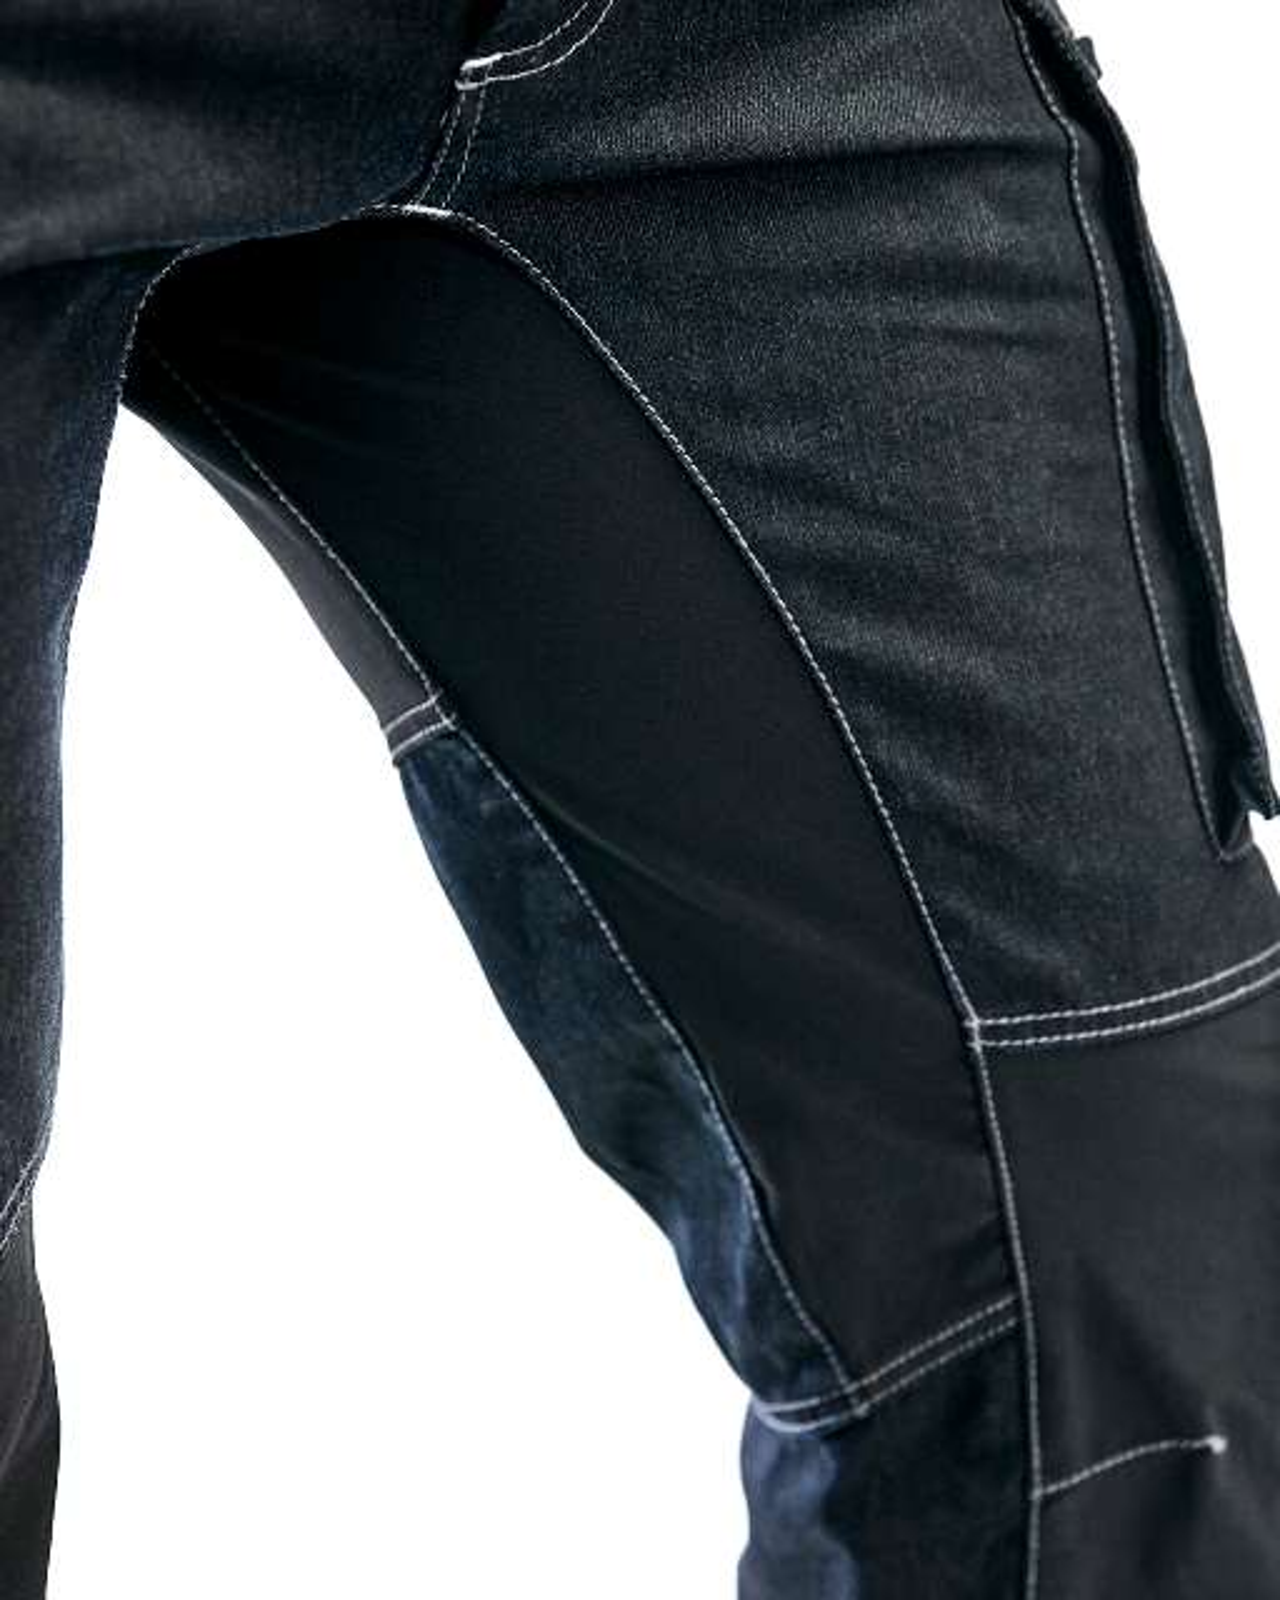 Blaklader Broeken 14591142 met Stretch marineblauw-zwart(8999)